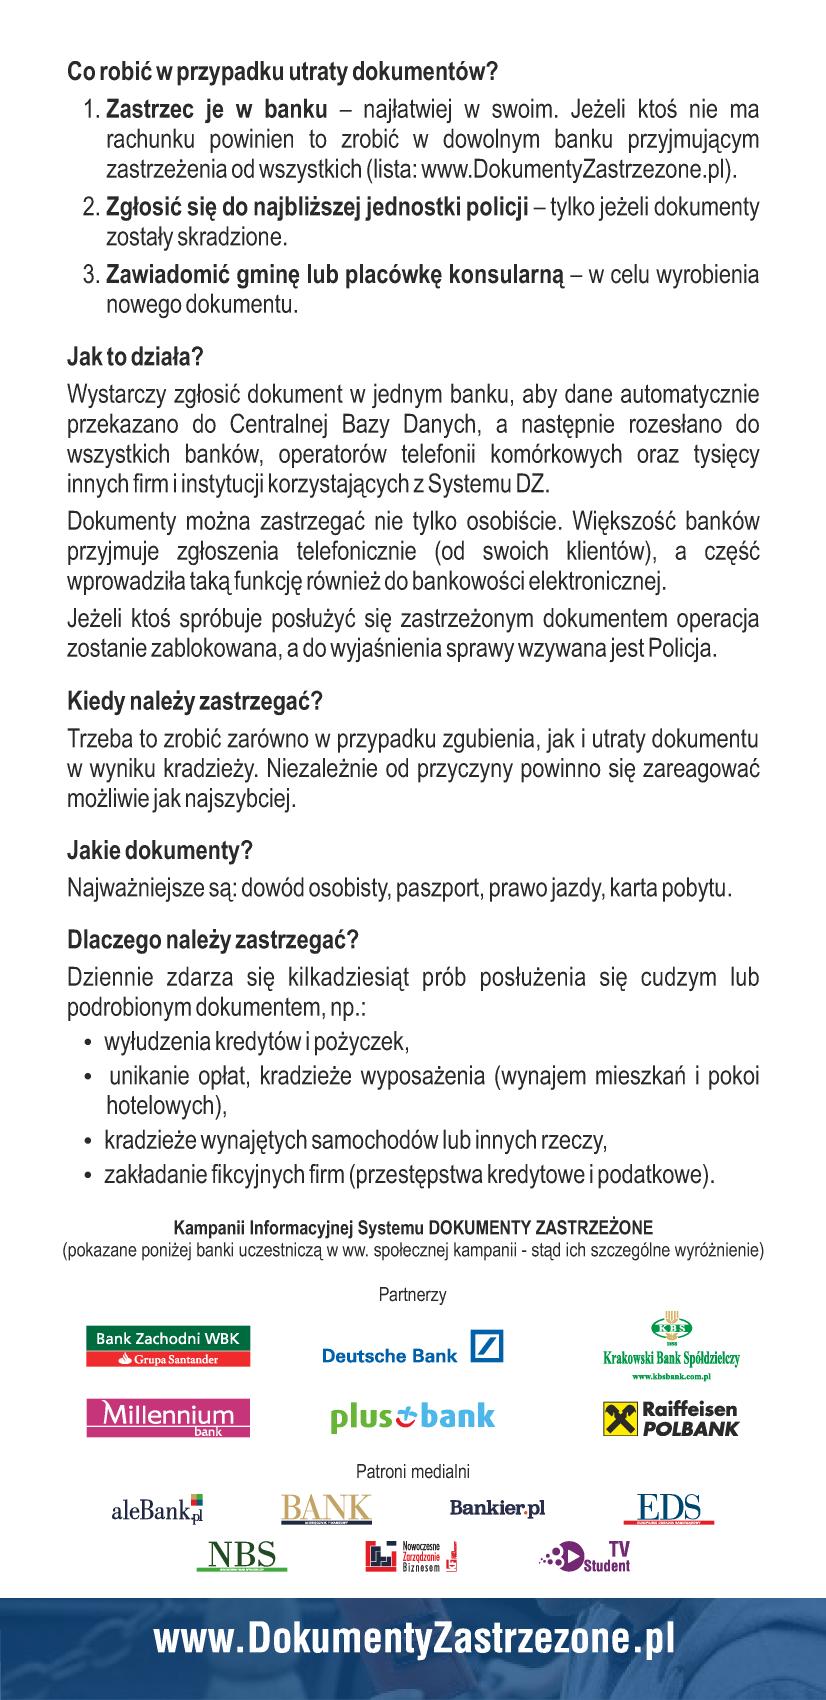 kdz11.ulotka.z.logotypami.01-2.jpeg